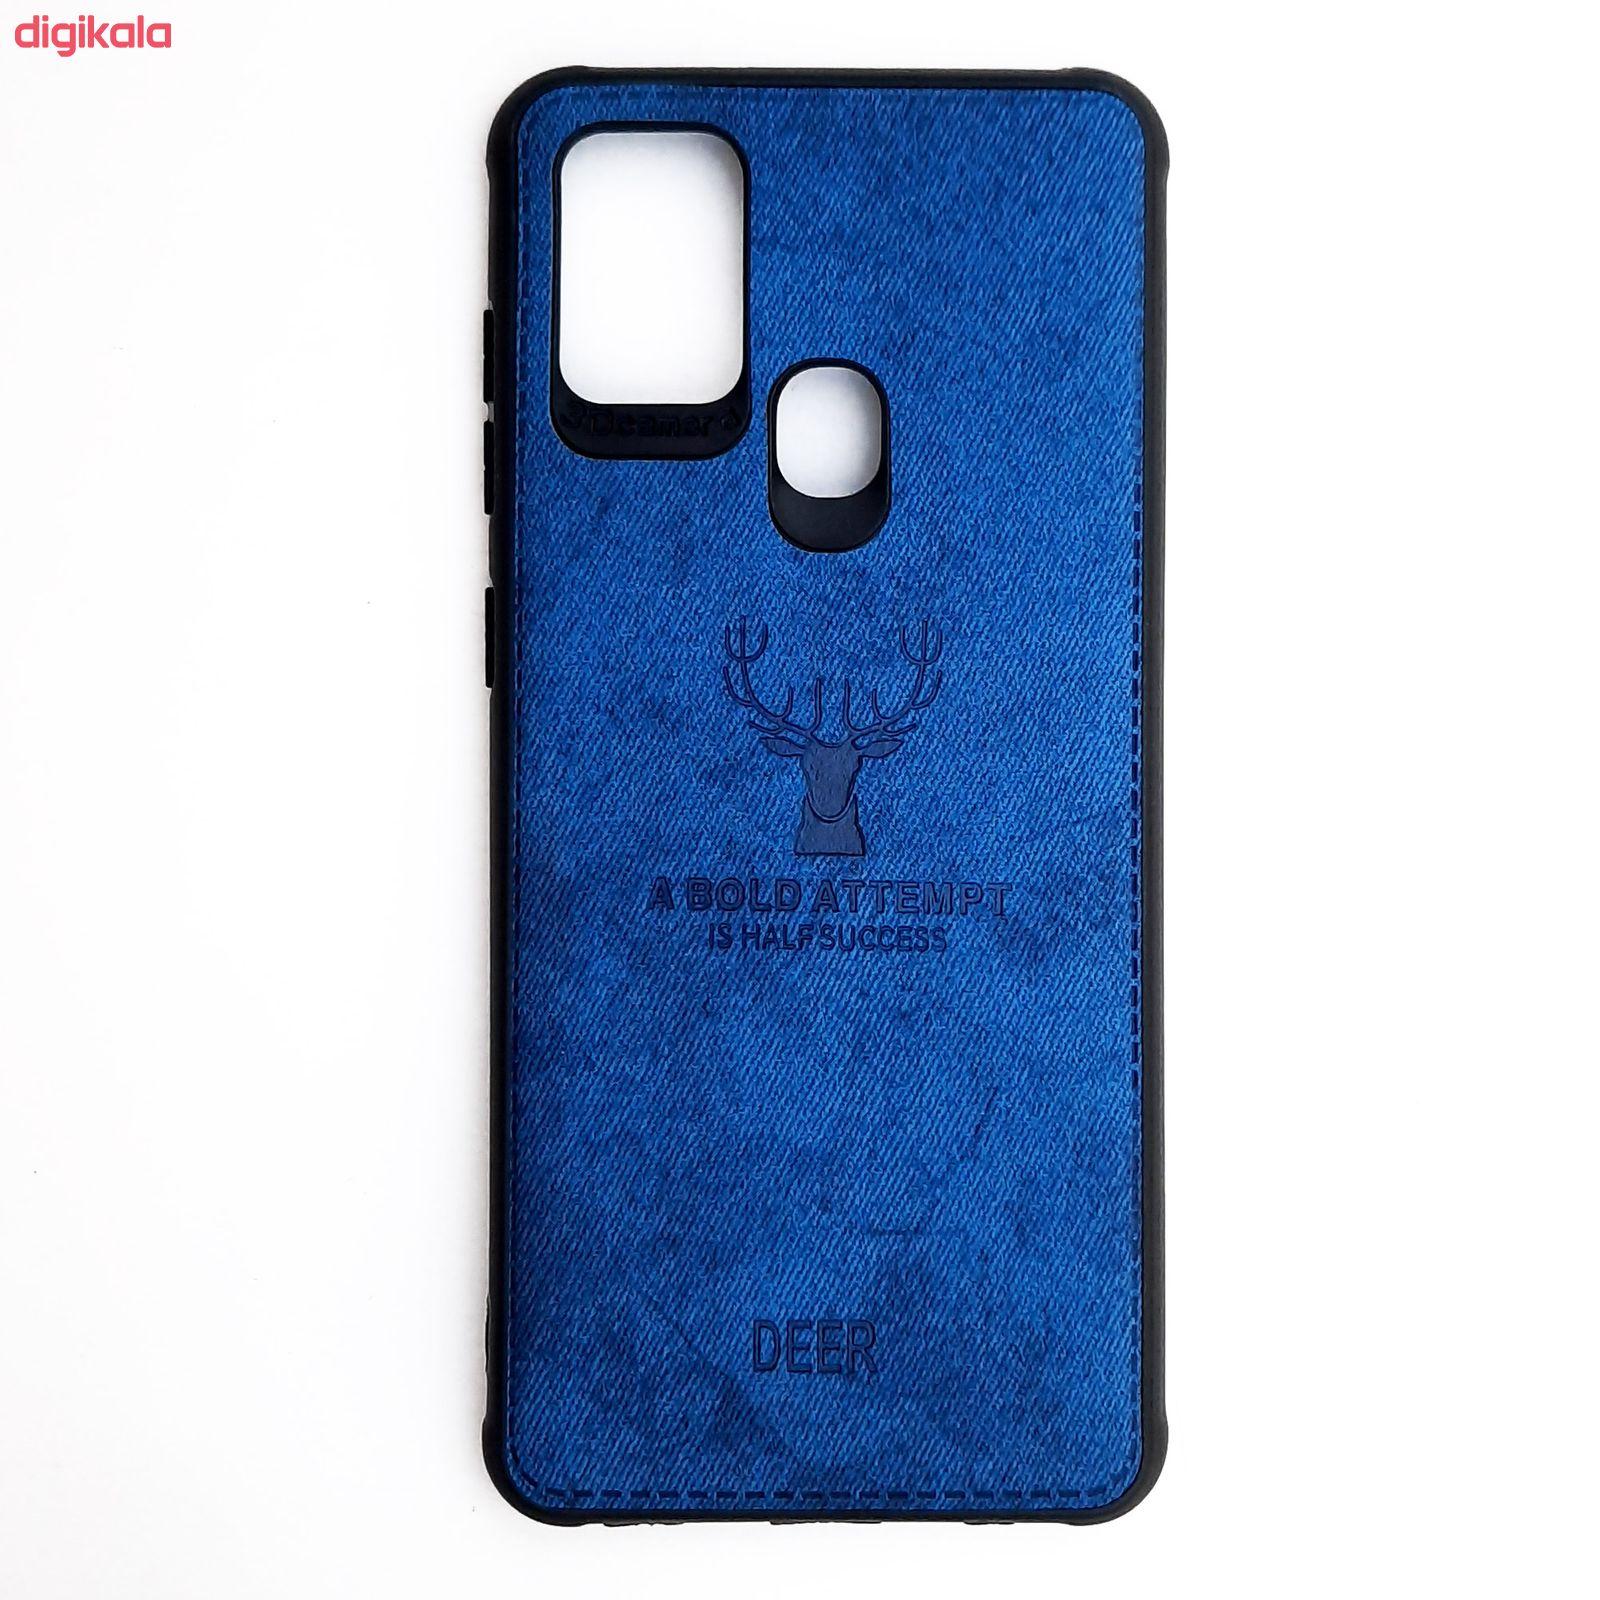 کاور مدل CO508 طرح گوزن مناسب برای گوشی موبایل سامسونگ Galaxy A21s main 1 4